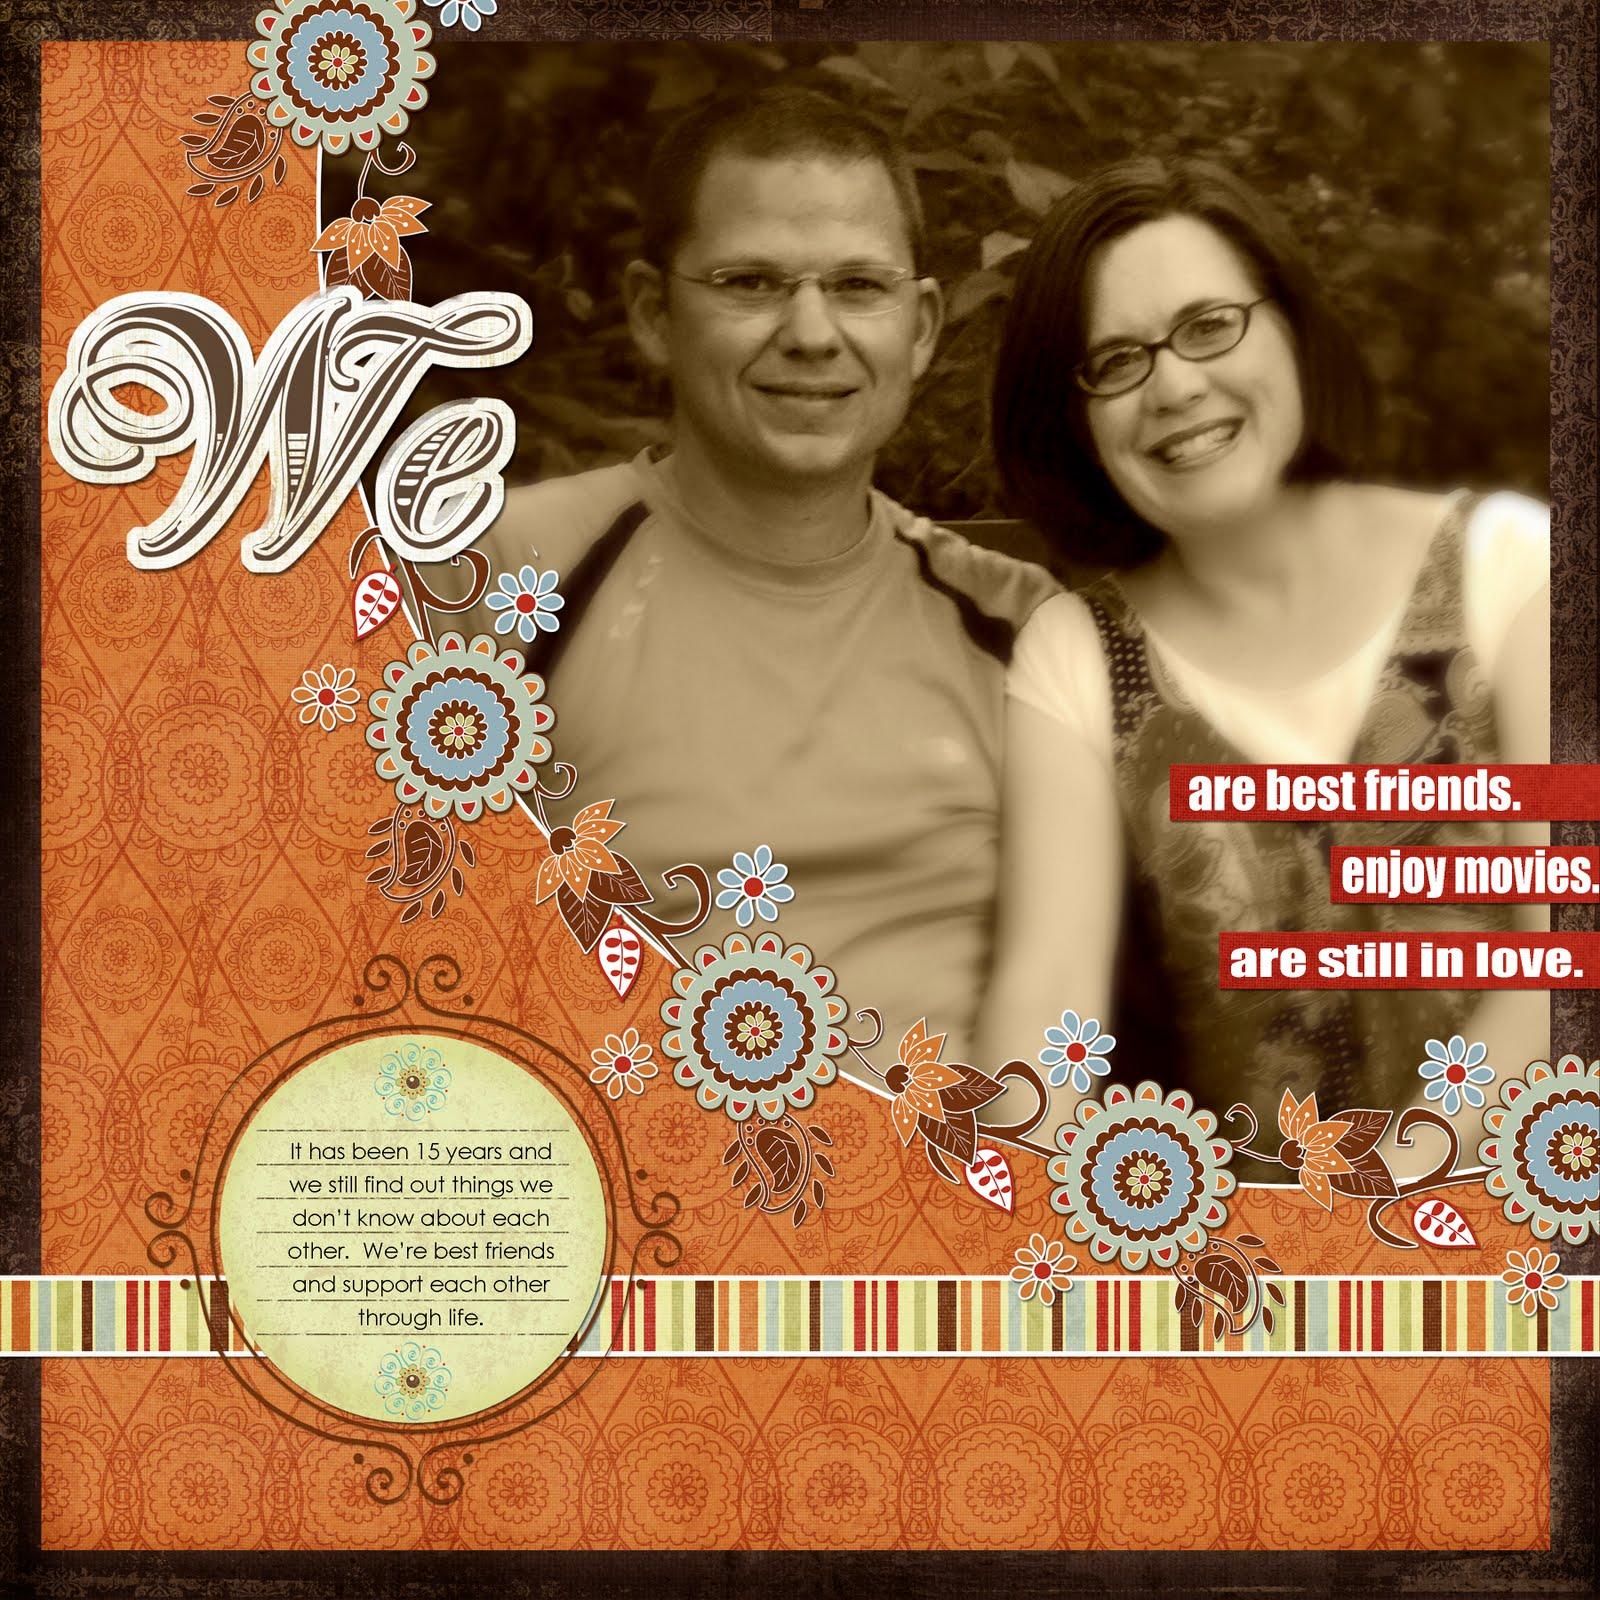 blog.familybringsjoy.com